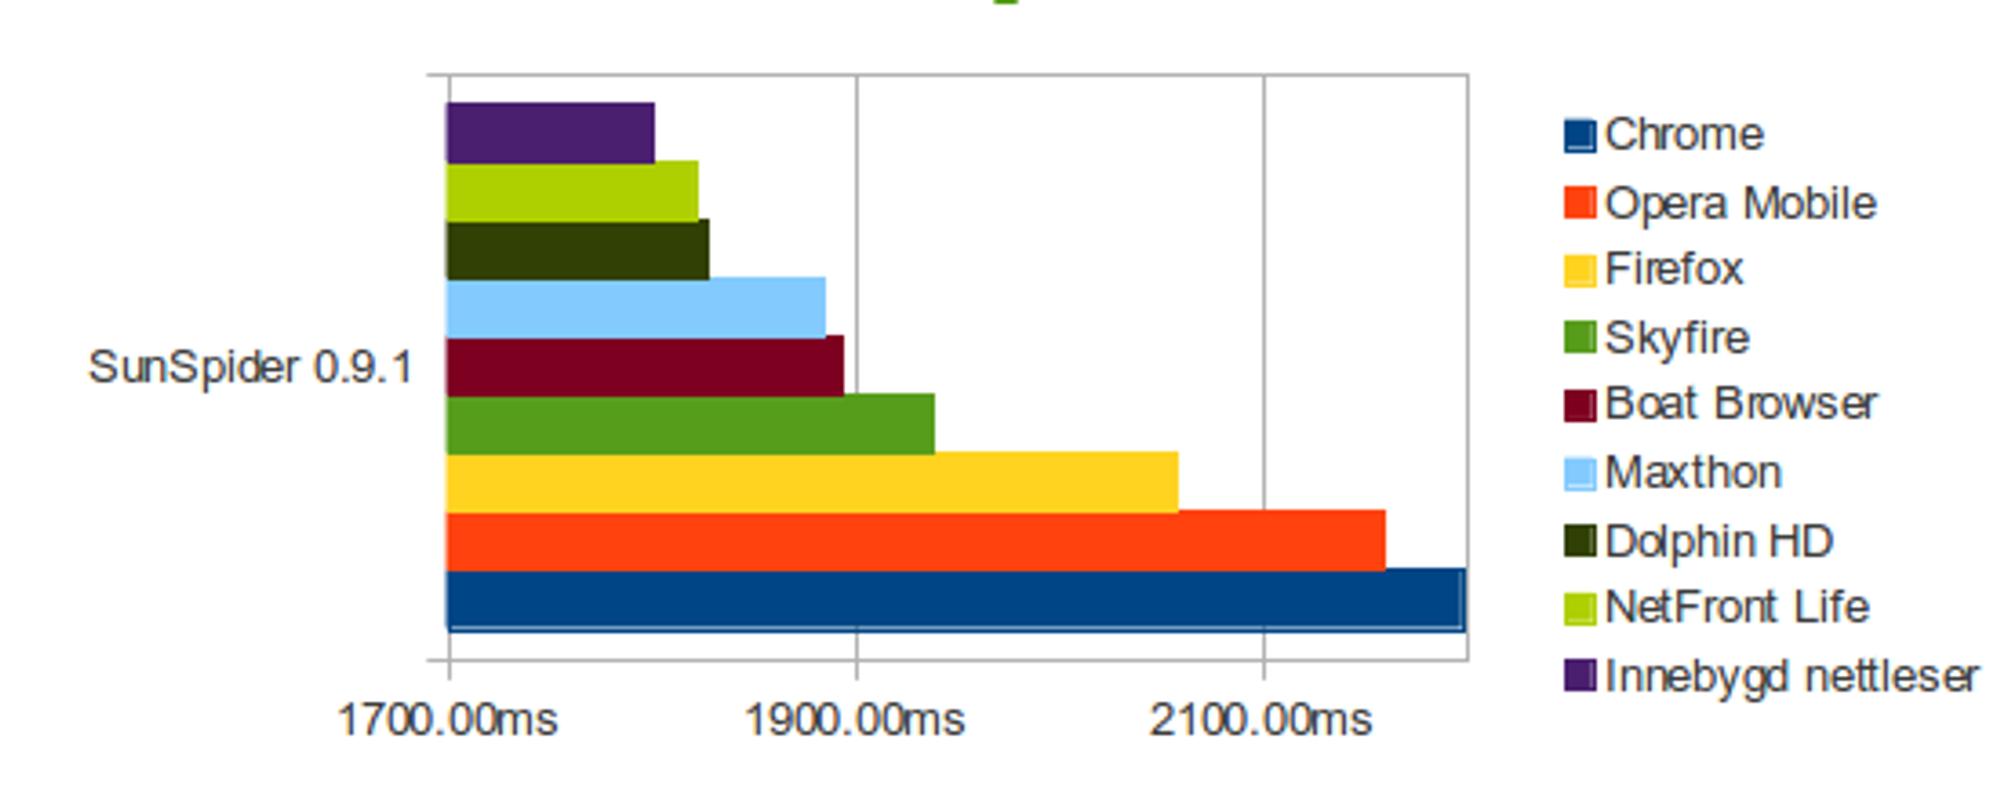 Her er resultatet av SunSpider-testen på forskjellige mobilnettlesere. Jo kortere tid jo bedre.